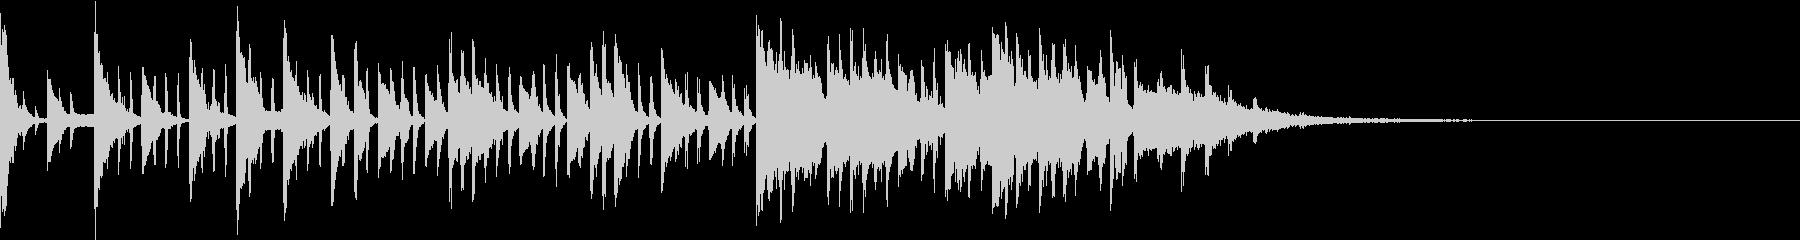 ハウス すぐ終わる効果音の未再生の波形